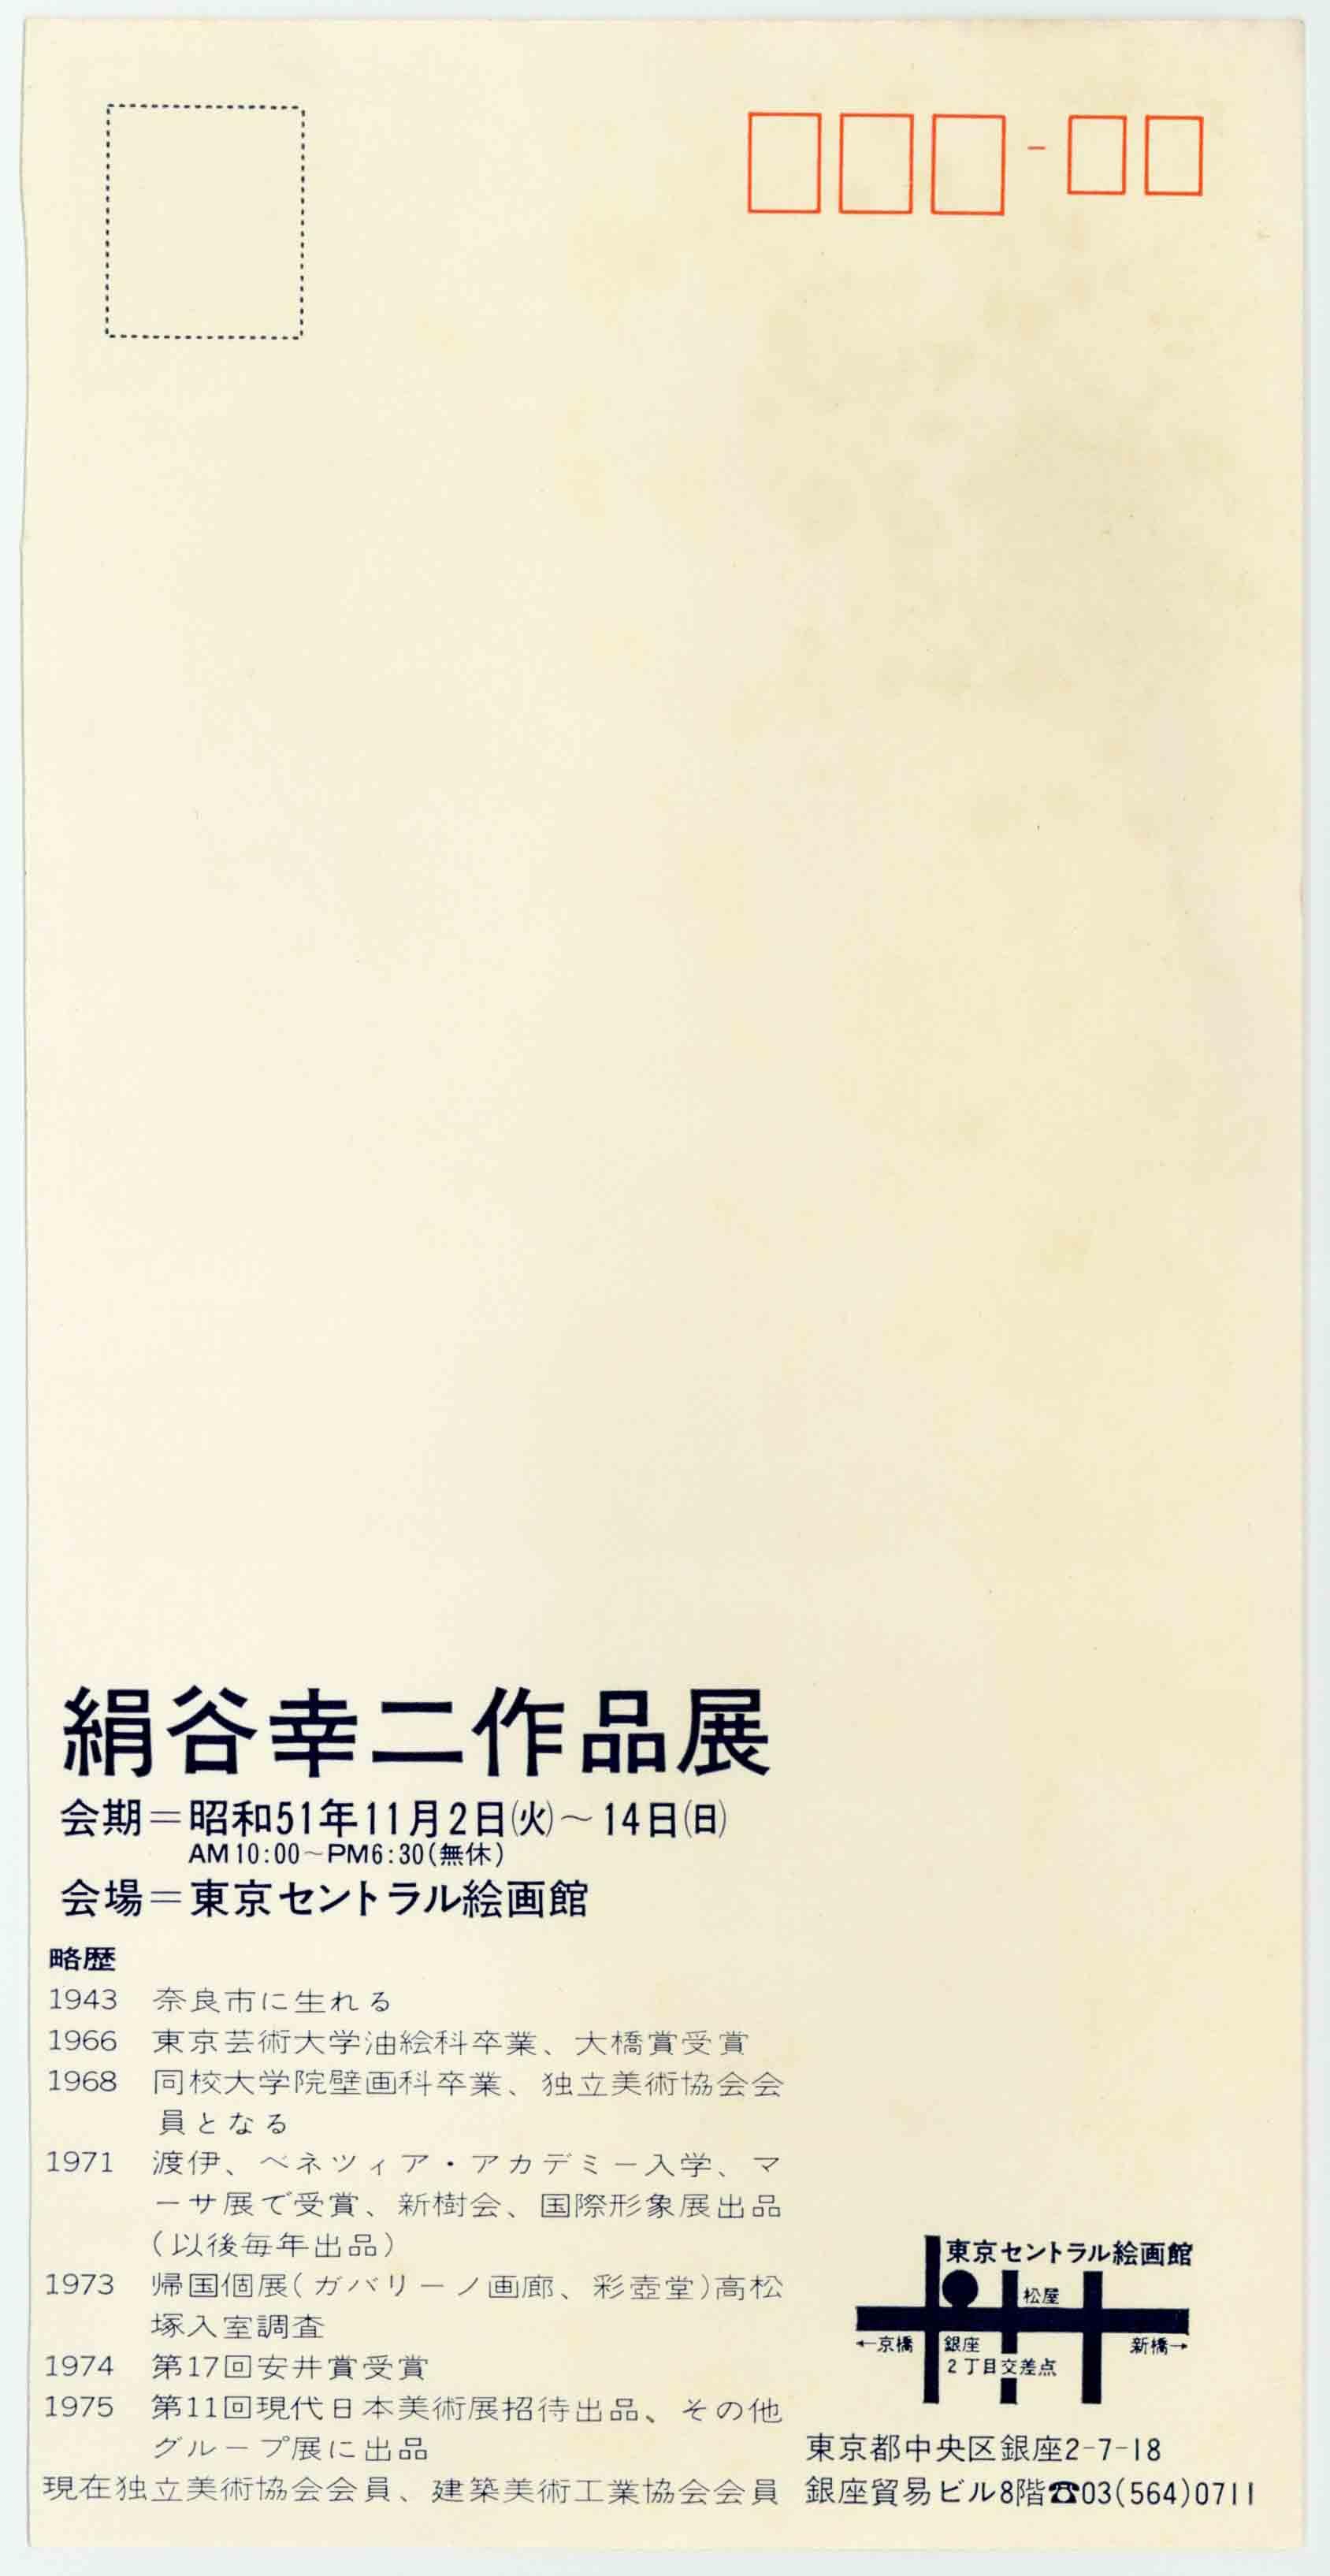 絹谷幸二作品展